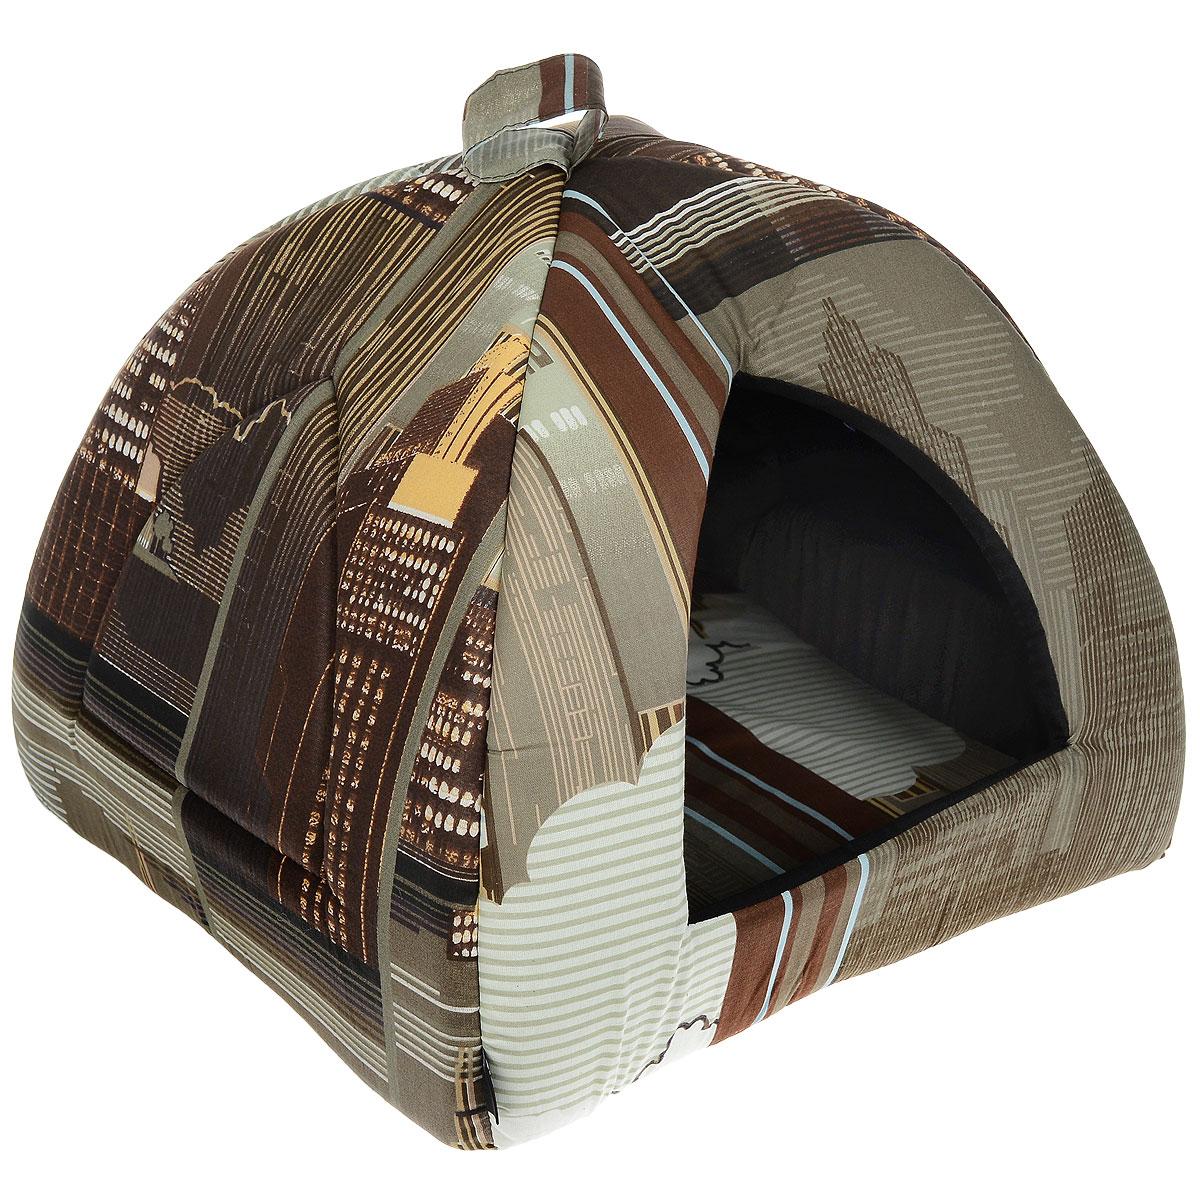 Домик для кошек и собак Гамма, цвет: темно-коричневый, 40 см х 40 см х 43 смTOP-8493Домик для кошек и собак Гамма обязательно понравится вашему питомцу. Домик предназначен для собак мелких пород и кошек. Изготовлен из хлопковой ткани с красивым принтом, внутри - мягкий наполнитель из мебельного поролона. Стежка надежно удерживает наполнитель внутри и не позволяет ему скатываться. Домик очень удобный и уютный, он оснащен мягкой съемной подстилкой из поролона.Ваш любимец сразу же захочет забраться внутрь, там он сможет отдохнуть и спрятаться. Компактные размеры позволят поместить домик, где угодно, а приятная цветовая гамма сделает его оригинальным дополнением к любому интерьеру. Размер подушки: 39 см х 39 см х 2 см. Внутренняя высота домика: 39 см. Толщина стенки: 2 см.